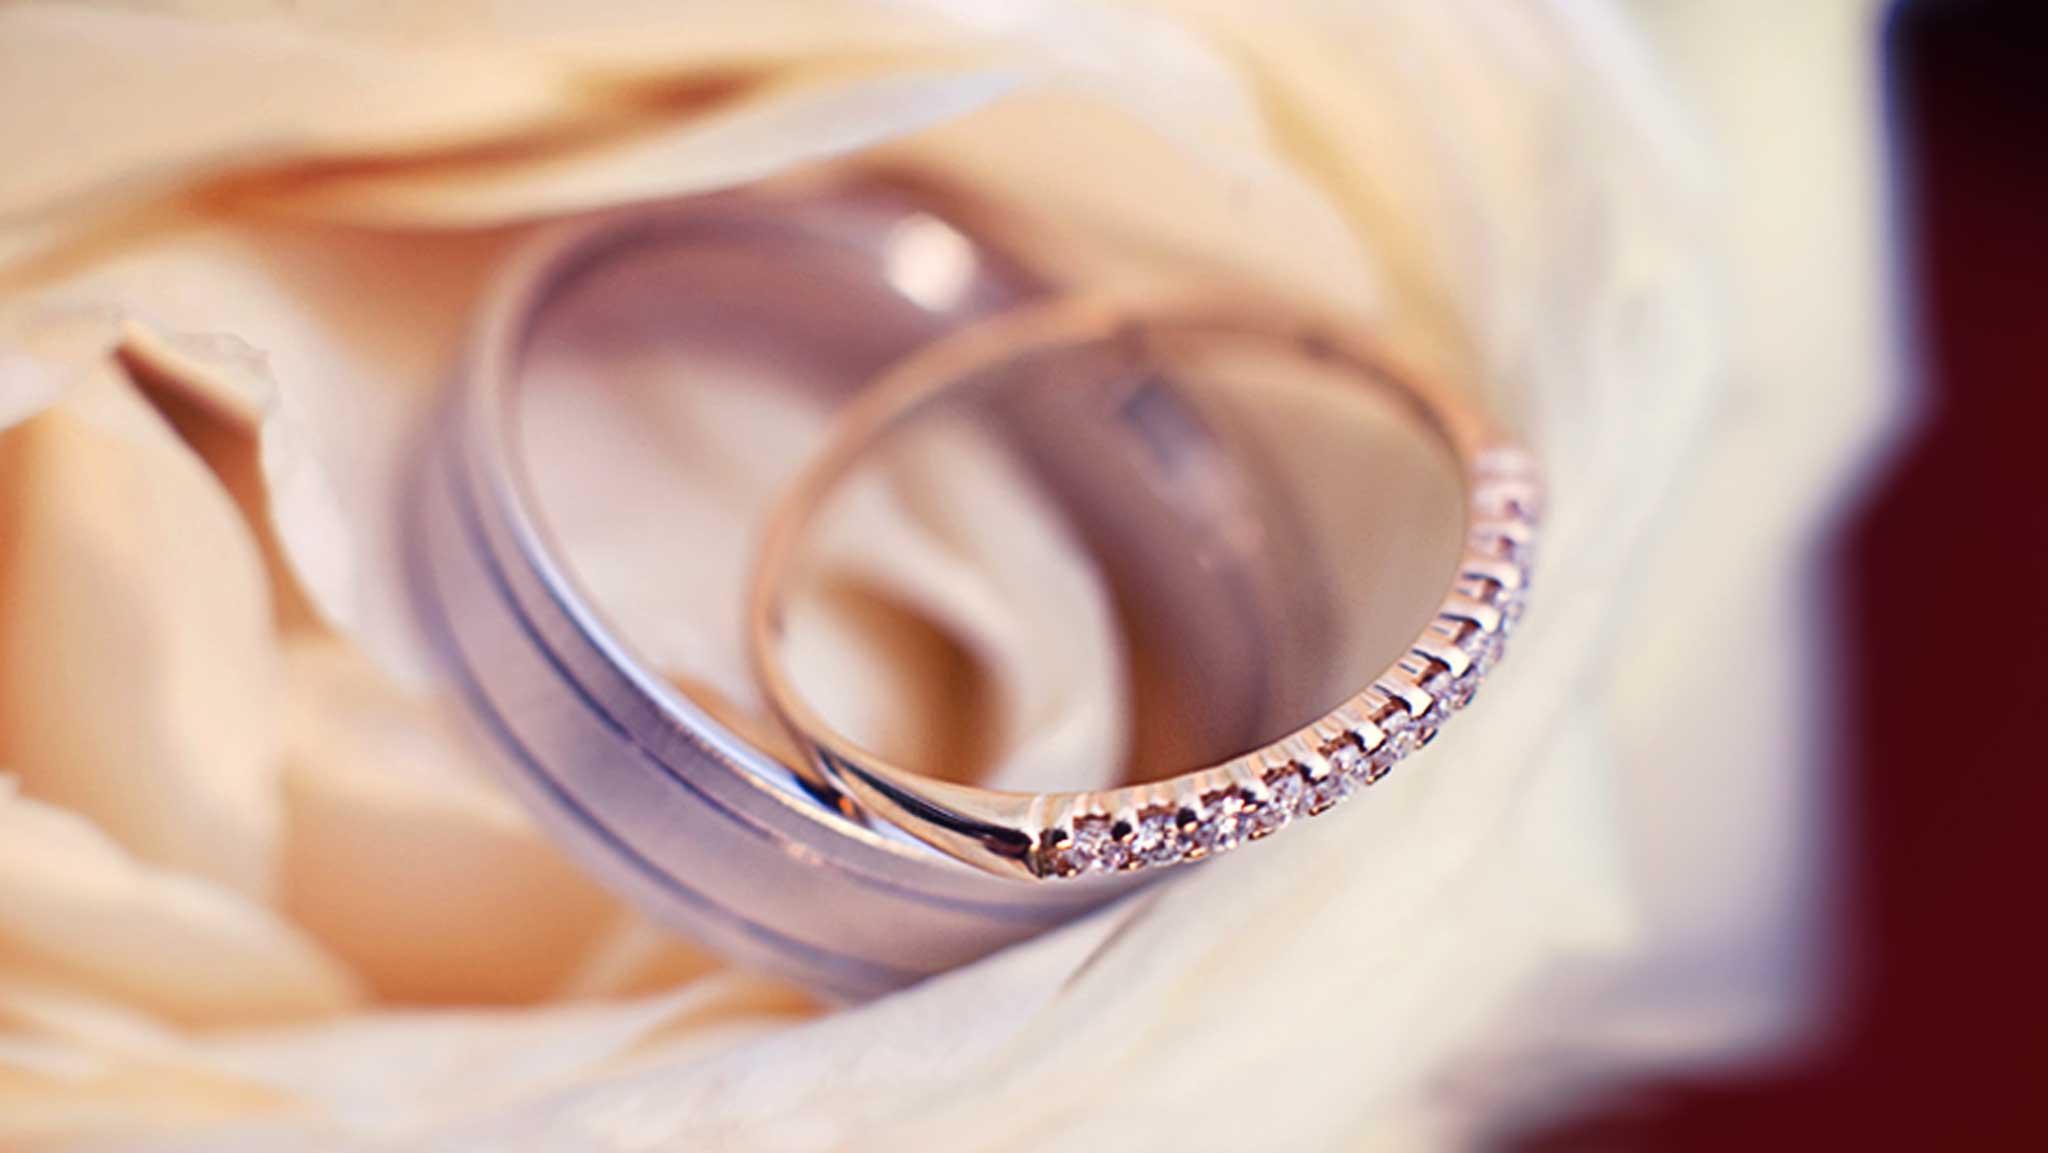 alliances en detail. photographe mariage à nancy metz strasbourg, lorraine et alsace. 54, 57, ALCA engagement rings, french based wedding photographer closeup hd